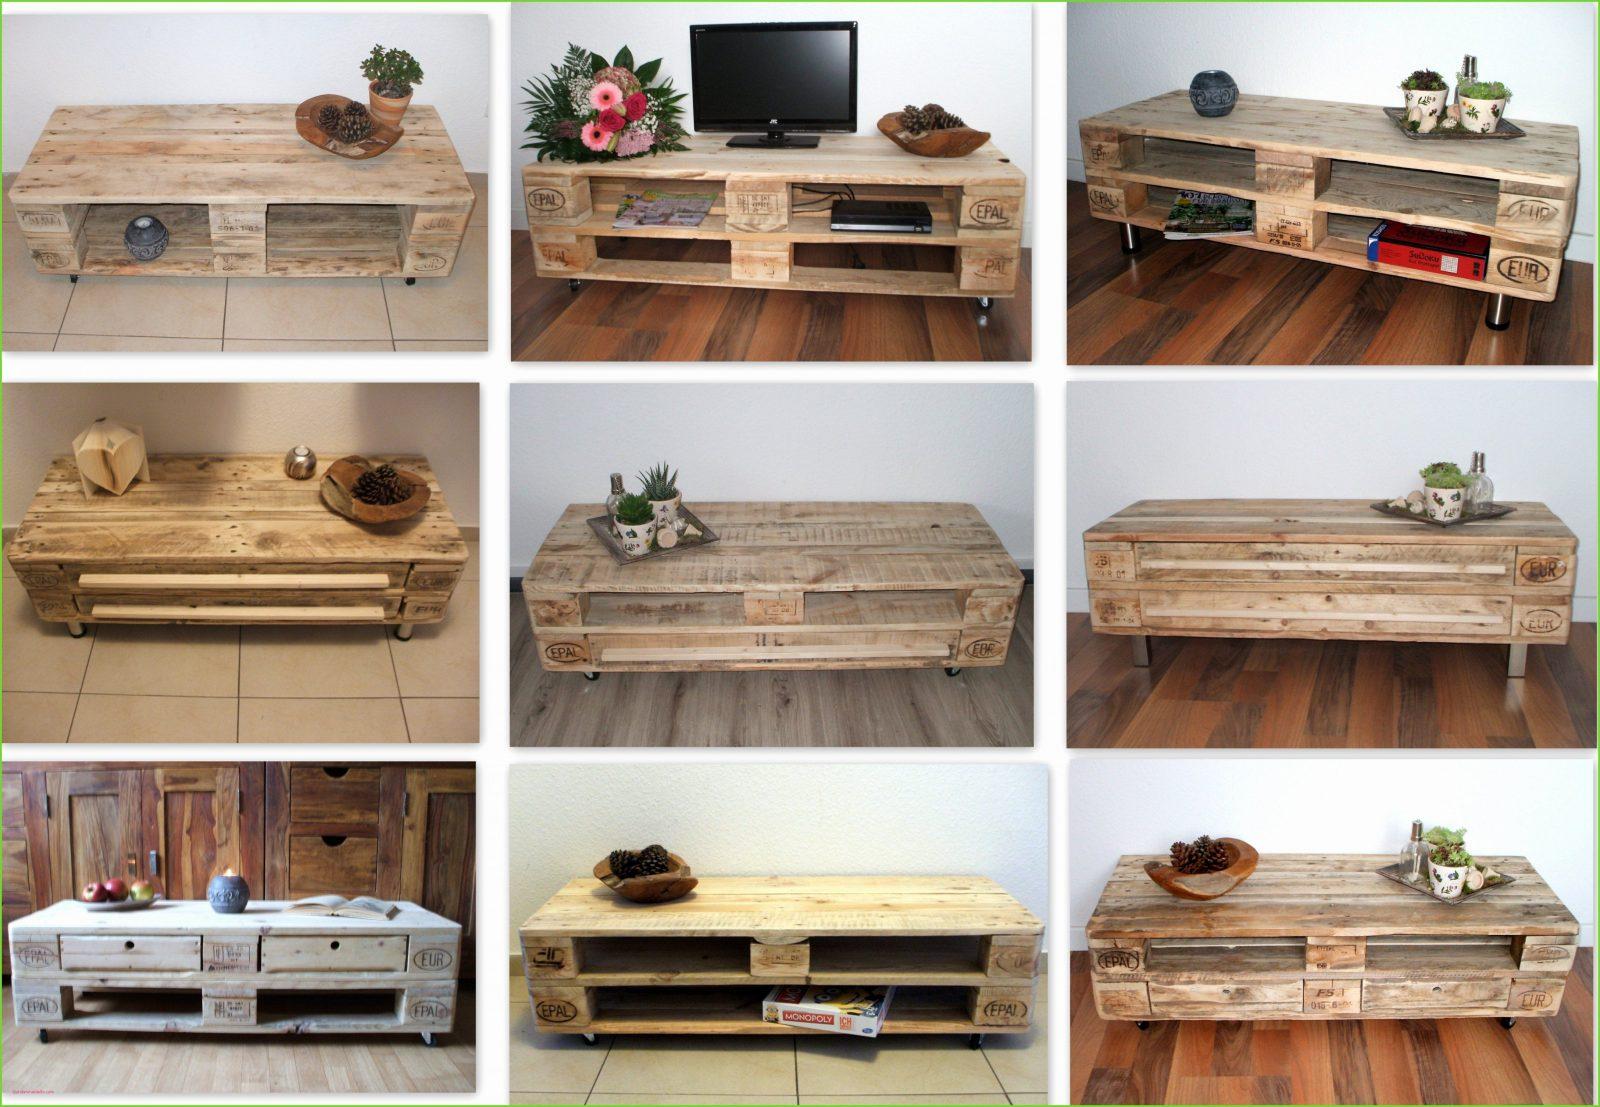 100 Tv Möbel Selber Bauen Bilder Ideen von Tv Möbel Selbst Bauen Bild